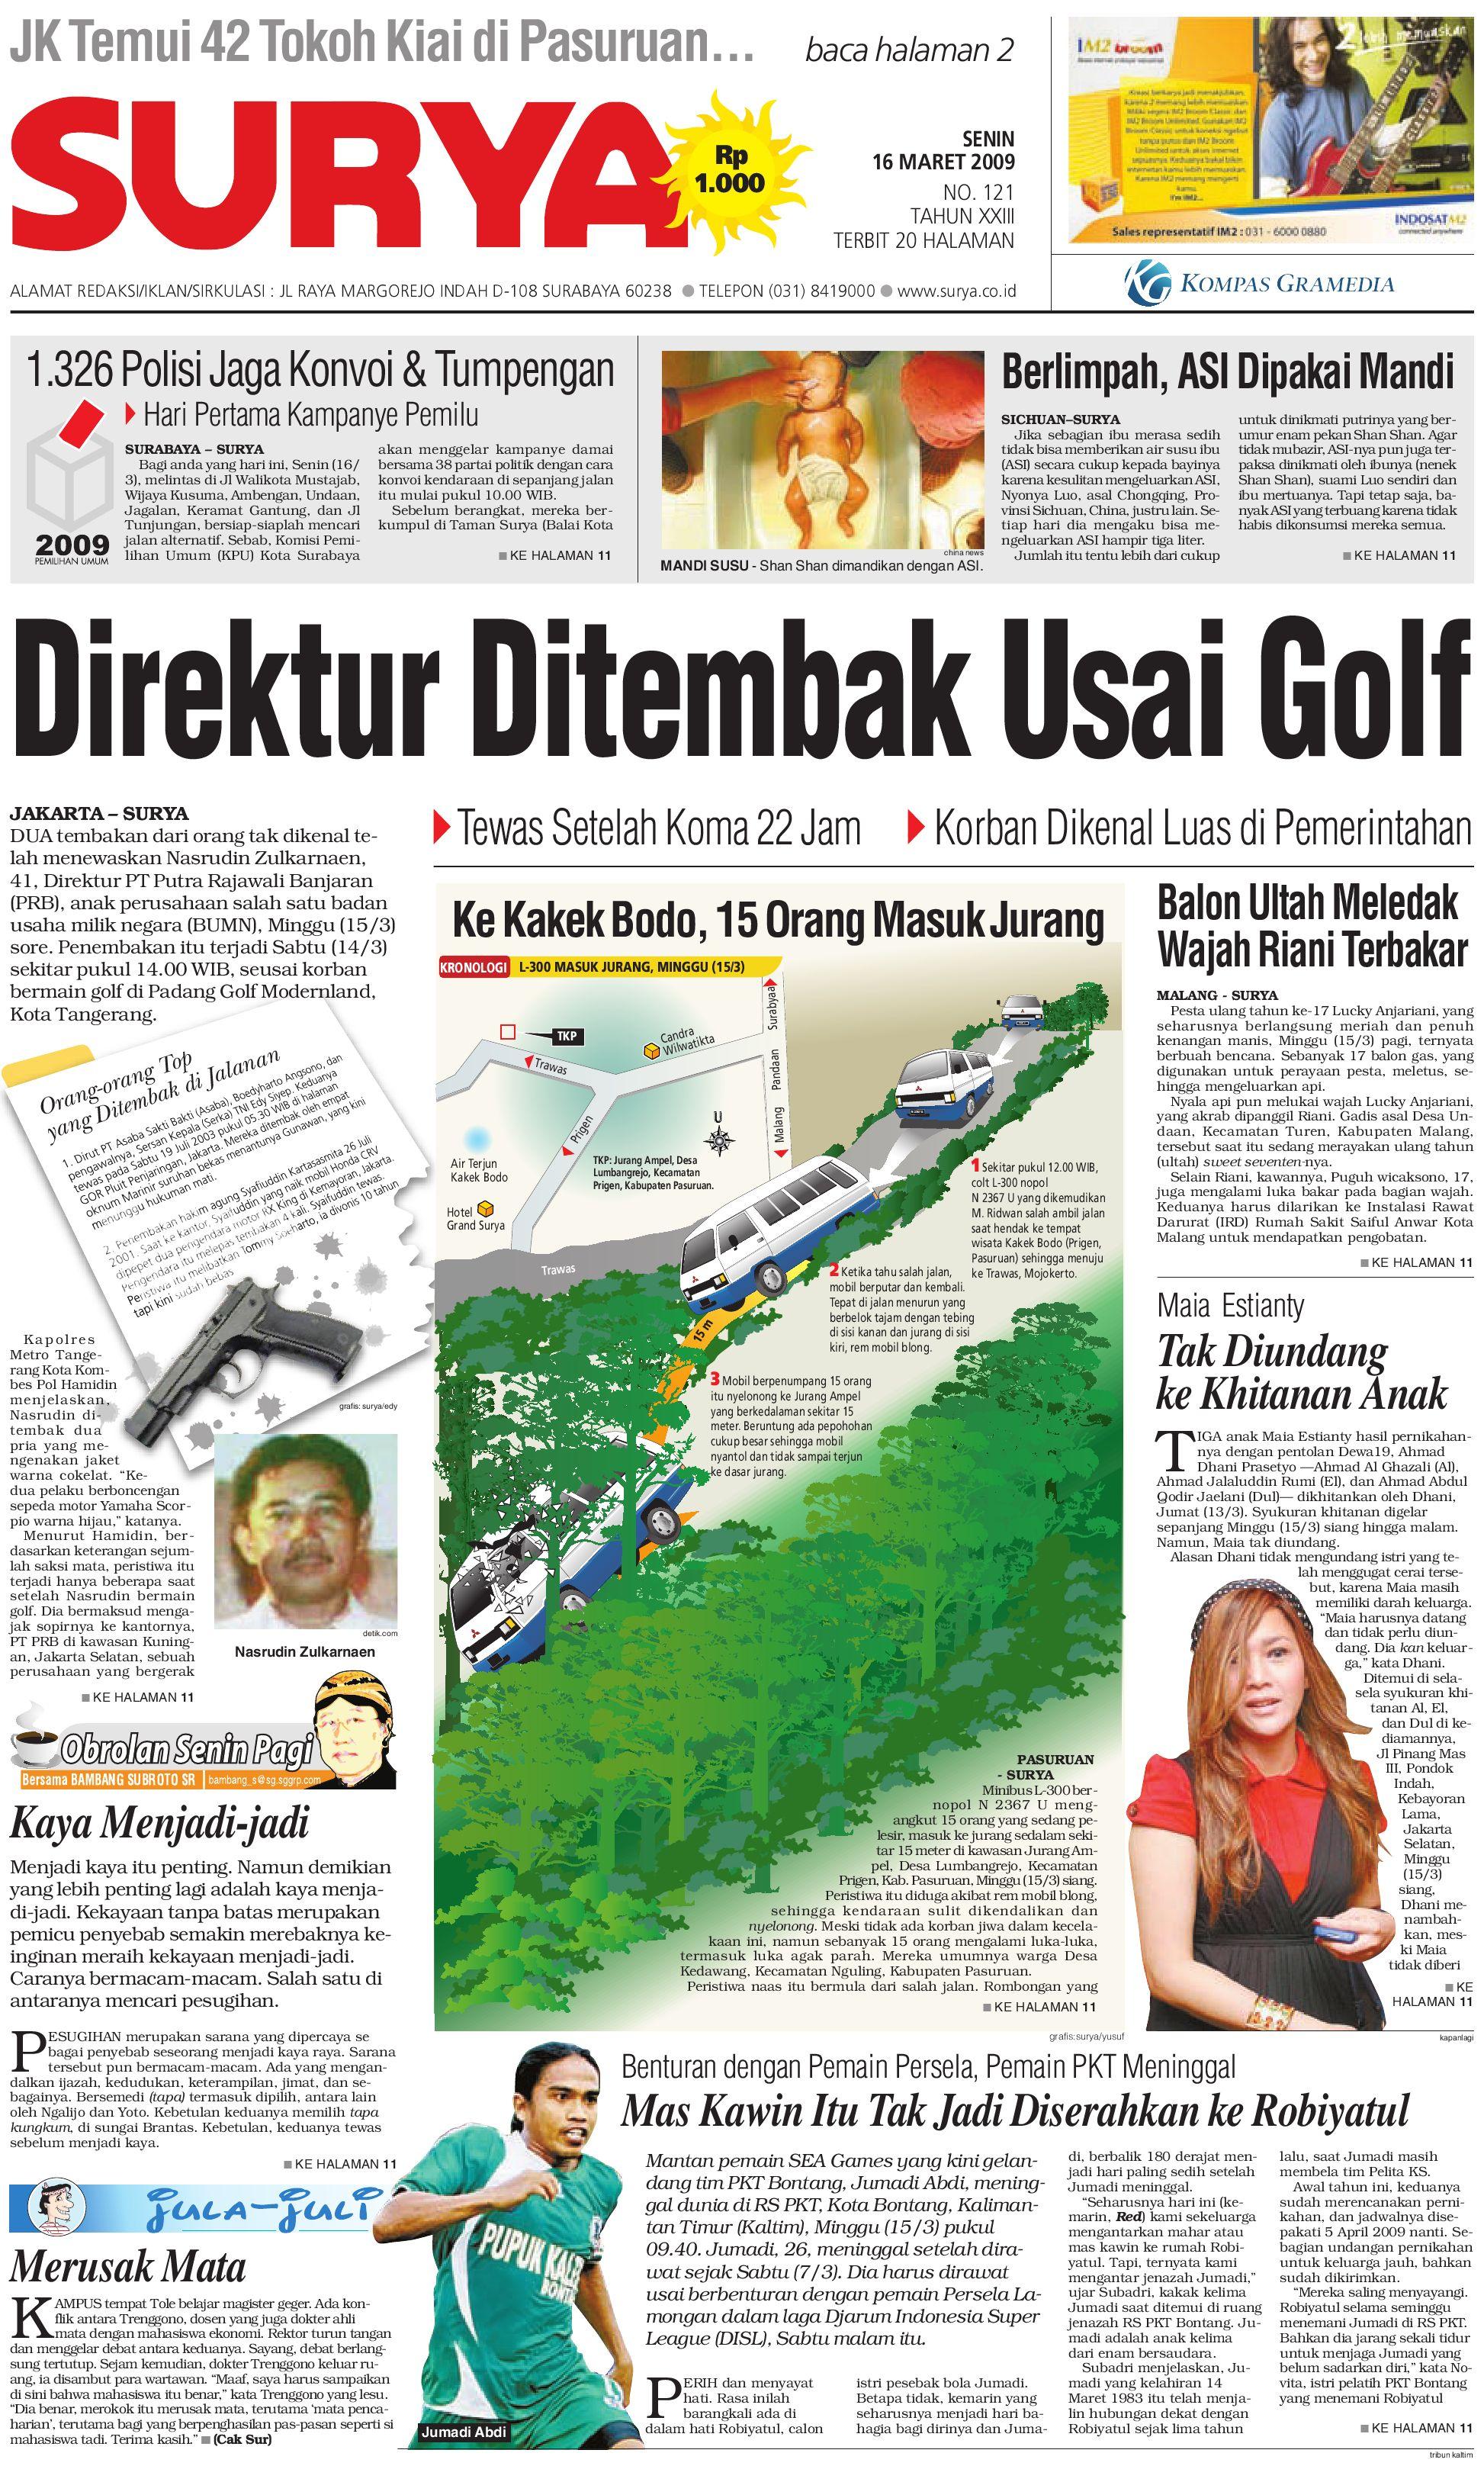 surya edisi cetak 11 desember 2010 by harian surya issuu